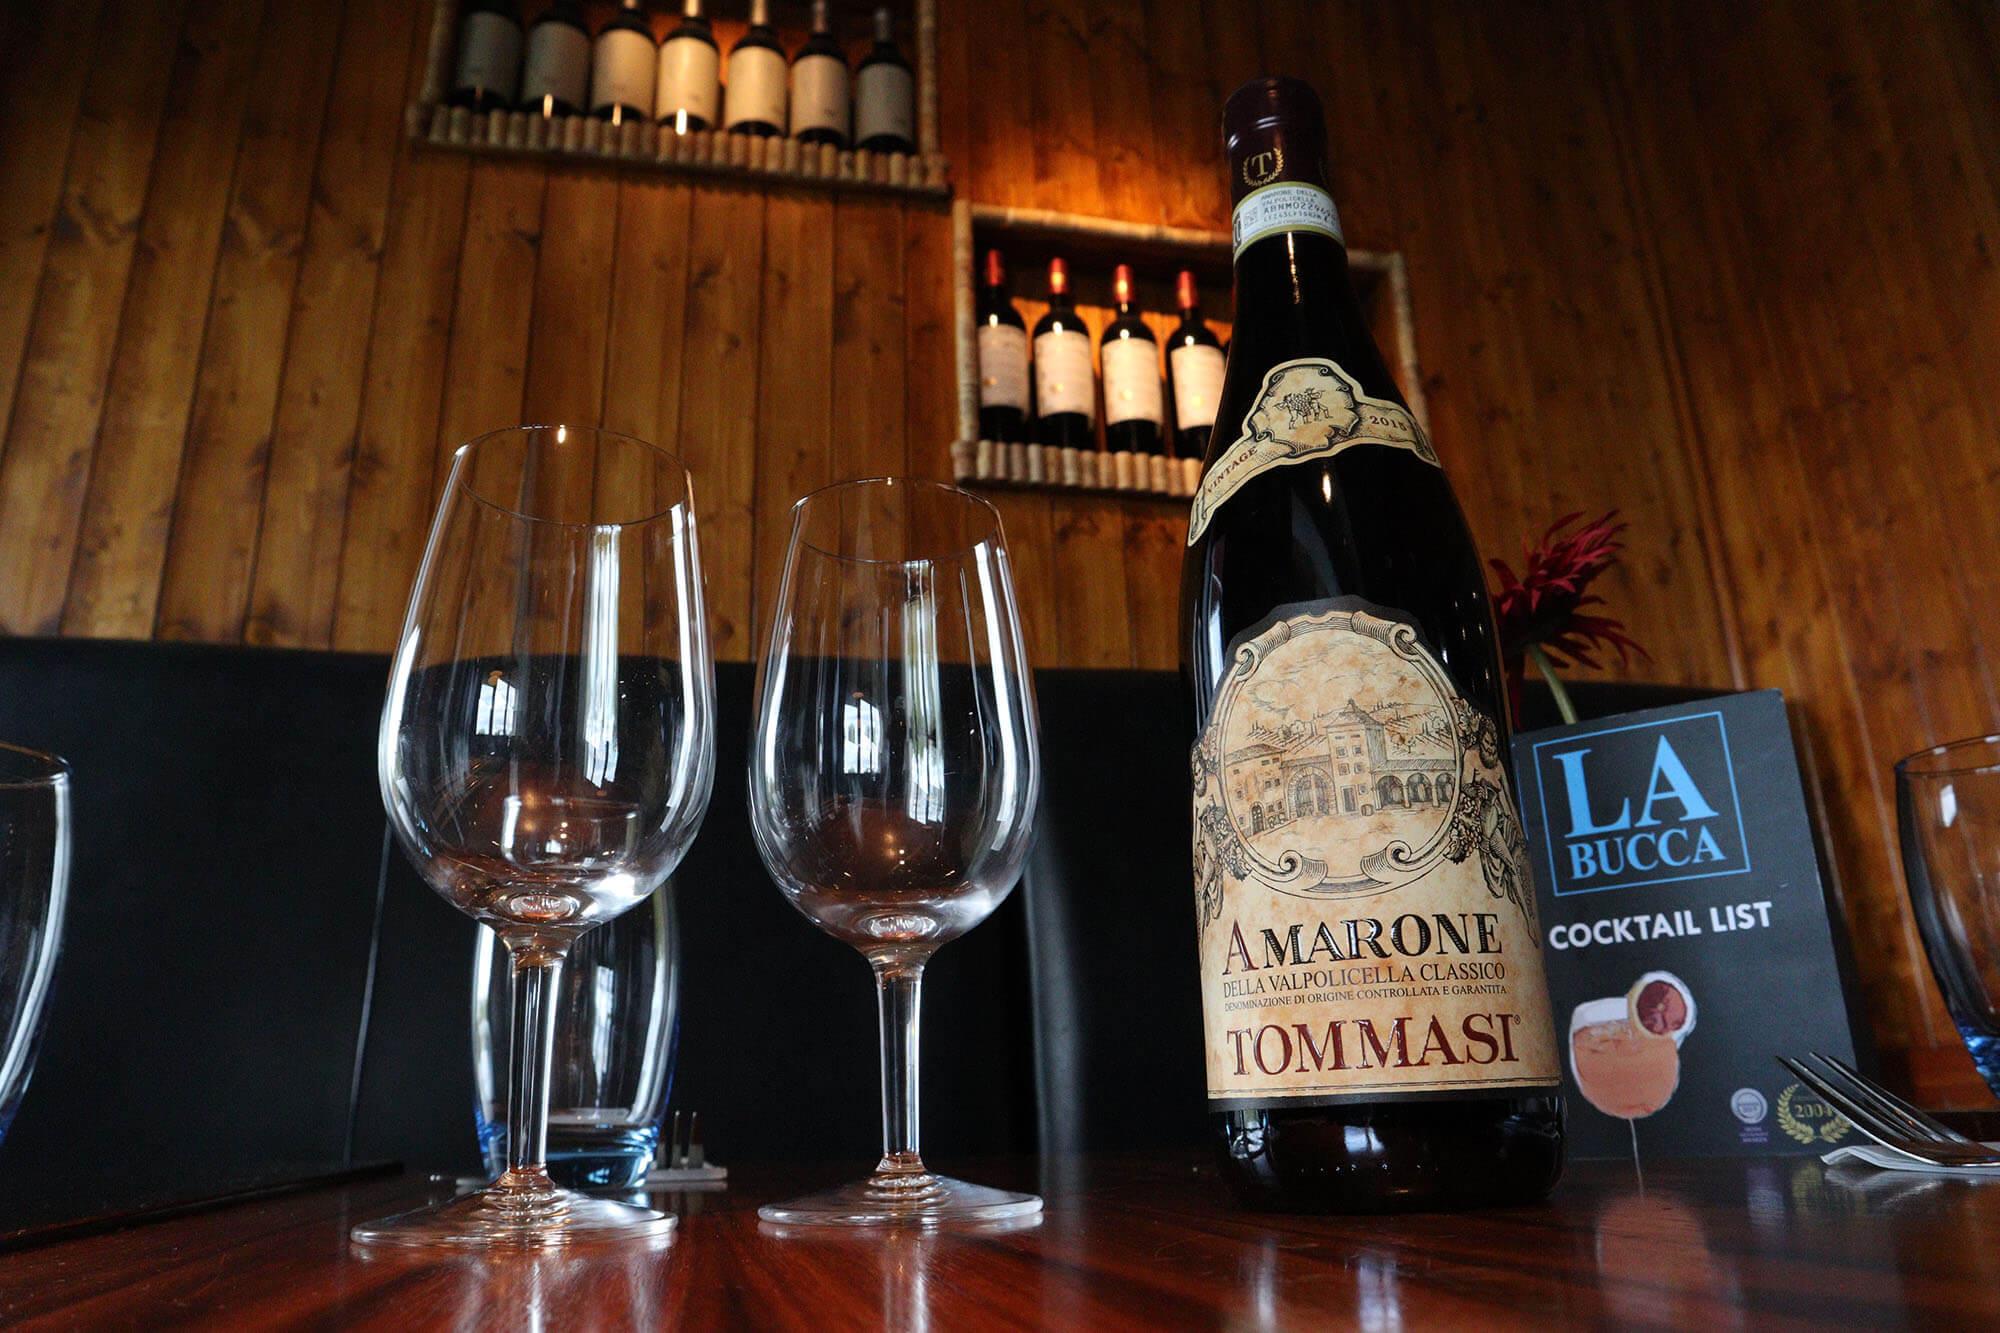 La Bucca bin end wine